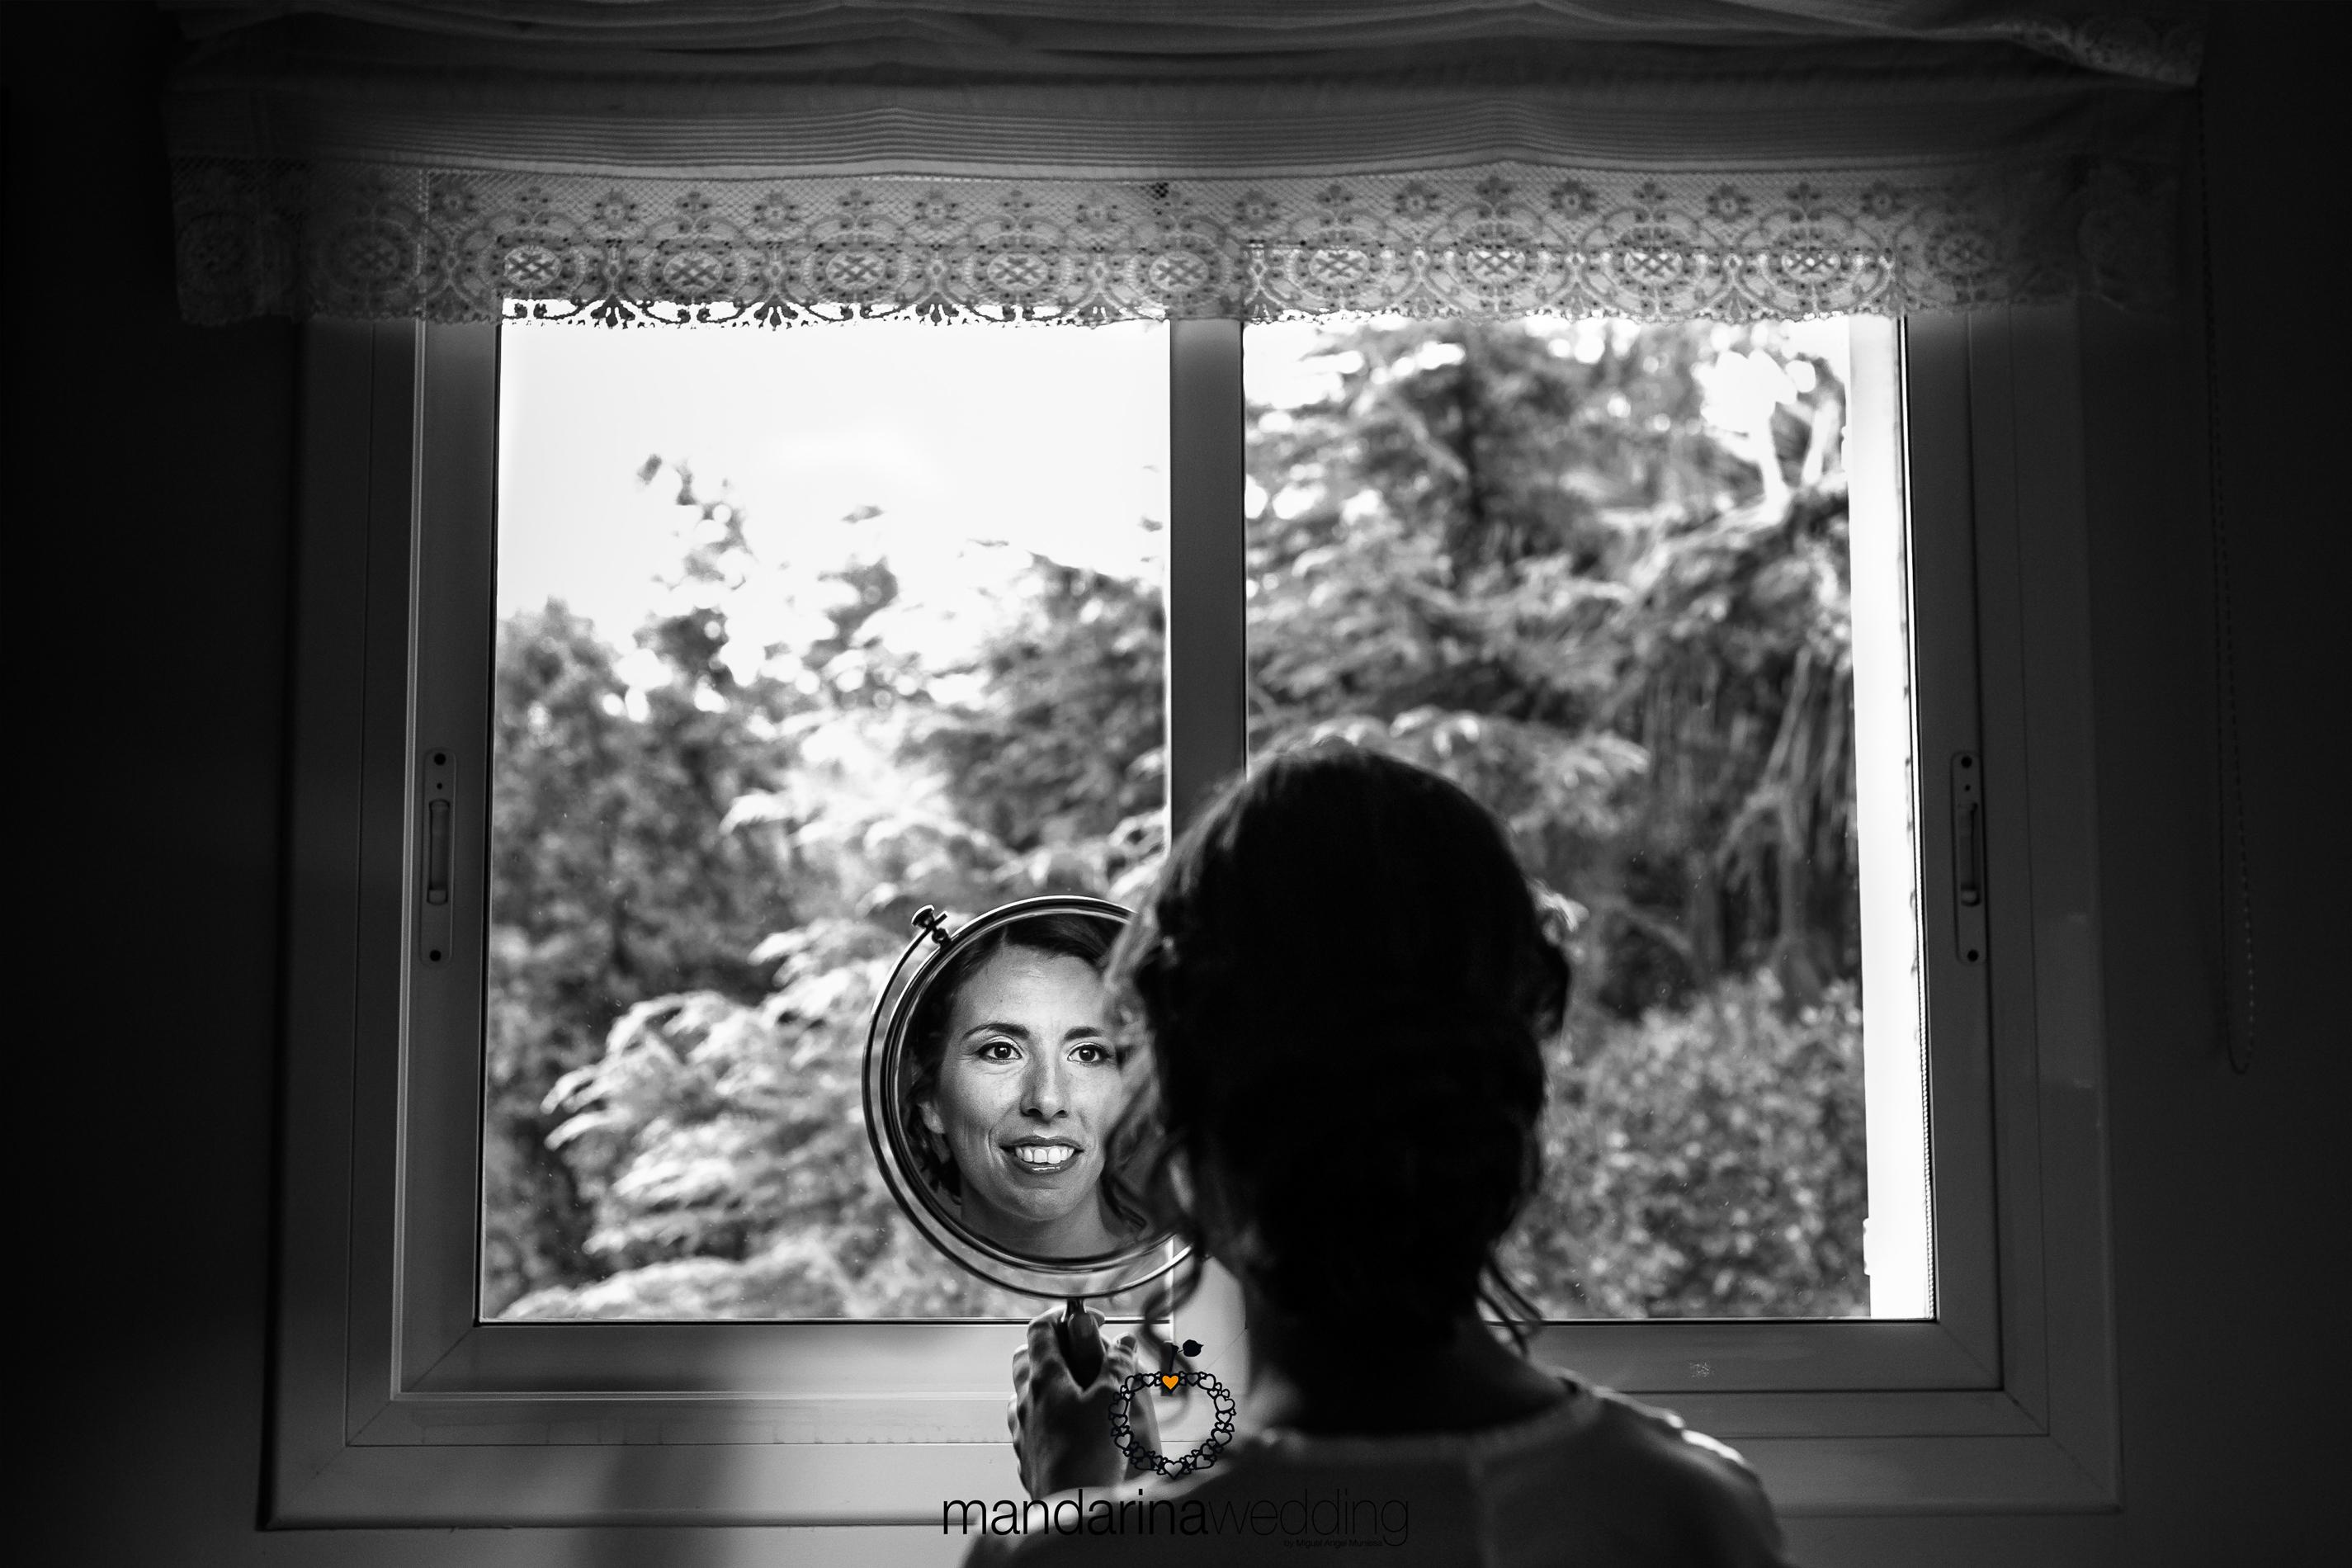 mandarina-wedding-fotografos-boda-zaragoza-bodas-fotografia-de-boda-fotografos-de-boda_10